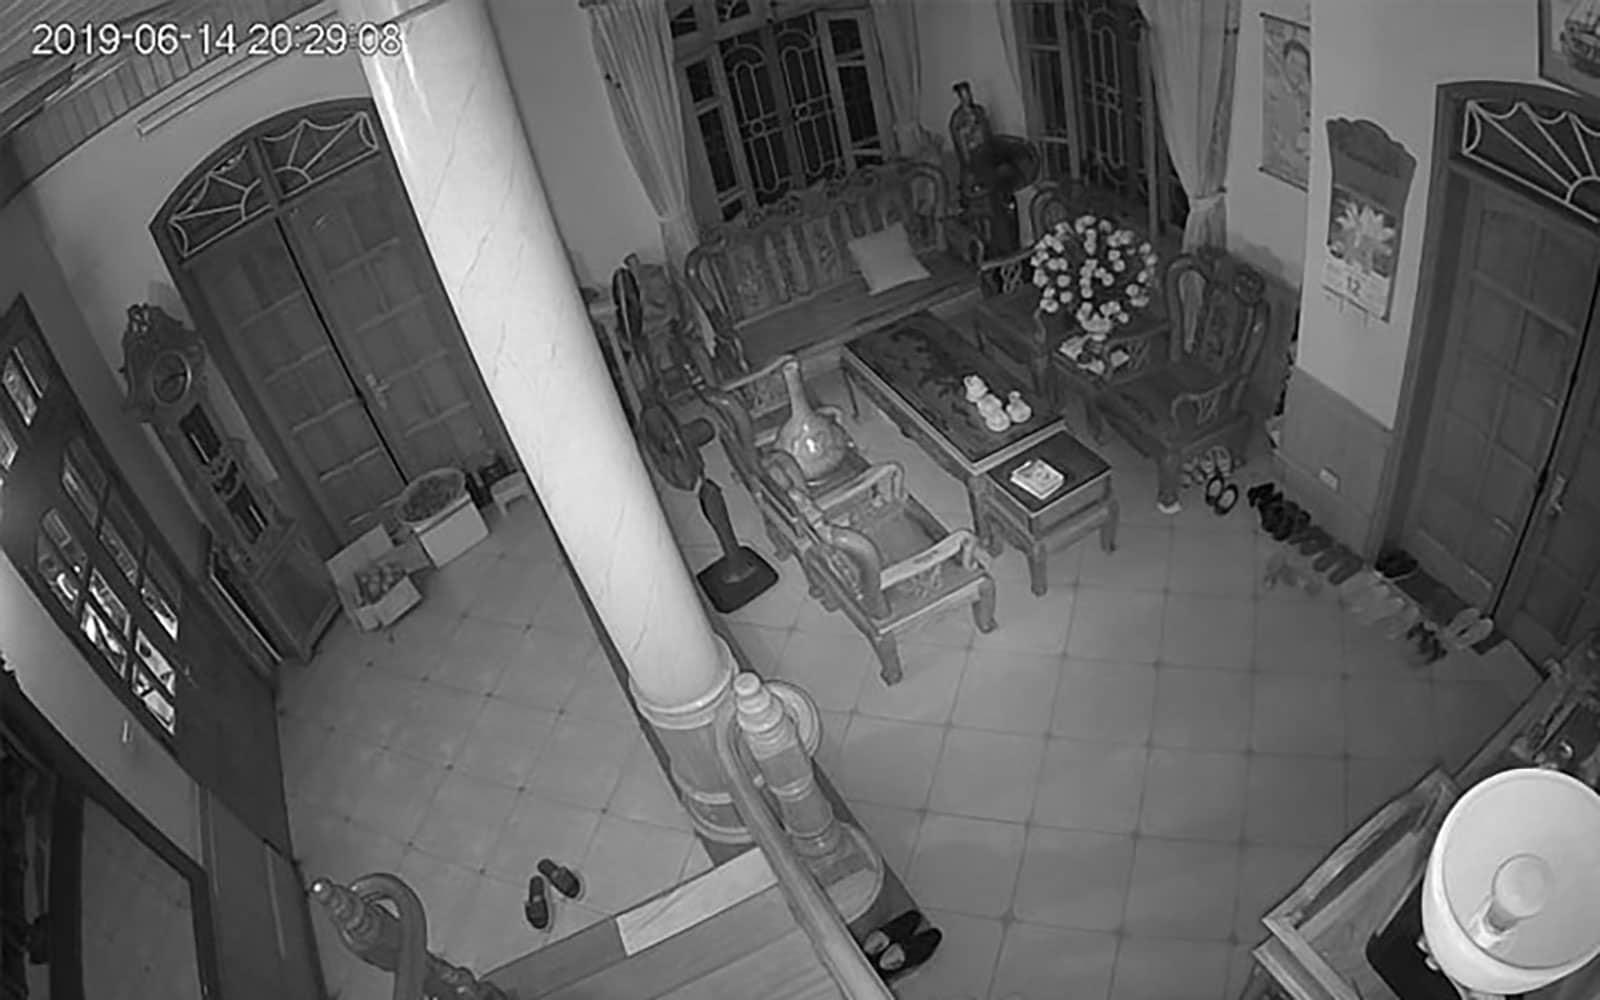 Hình ảnh quan sát ban đêm của Camera Hikvision Q21 khi tắt điện hoàn toàn